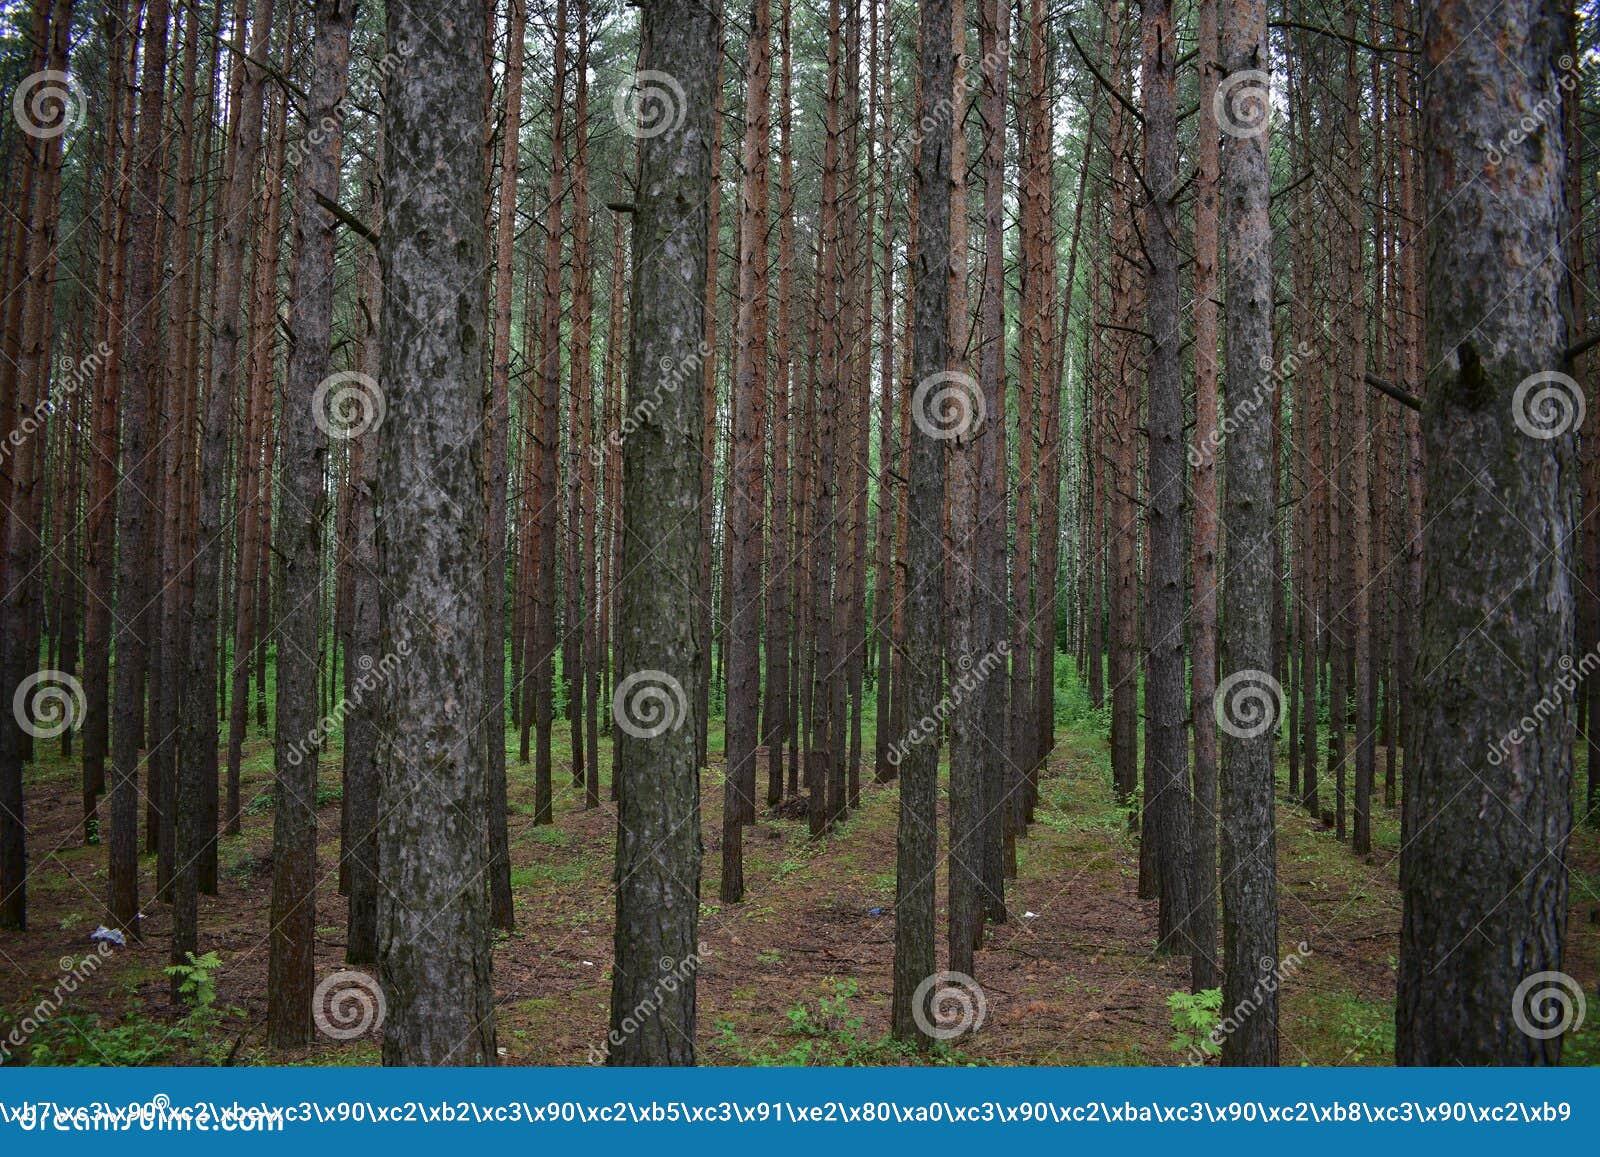 Pinjeskogen är steril, där är faktiskt inget damm